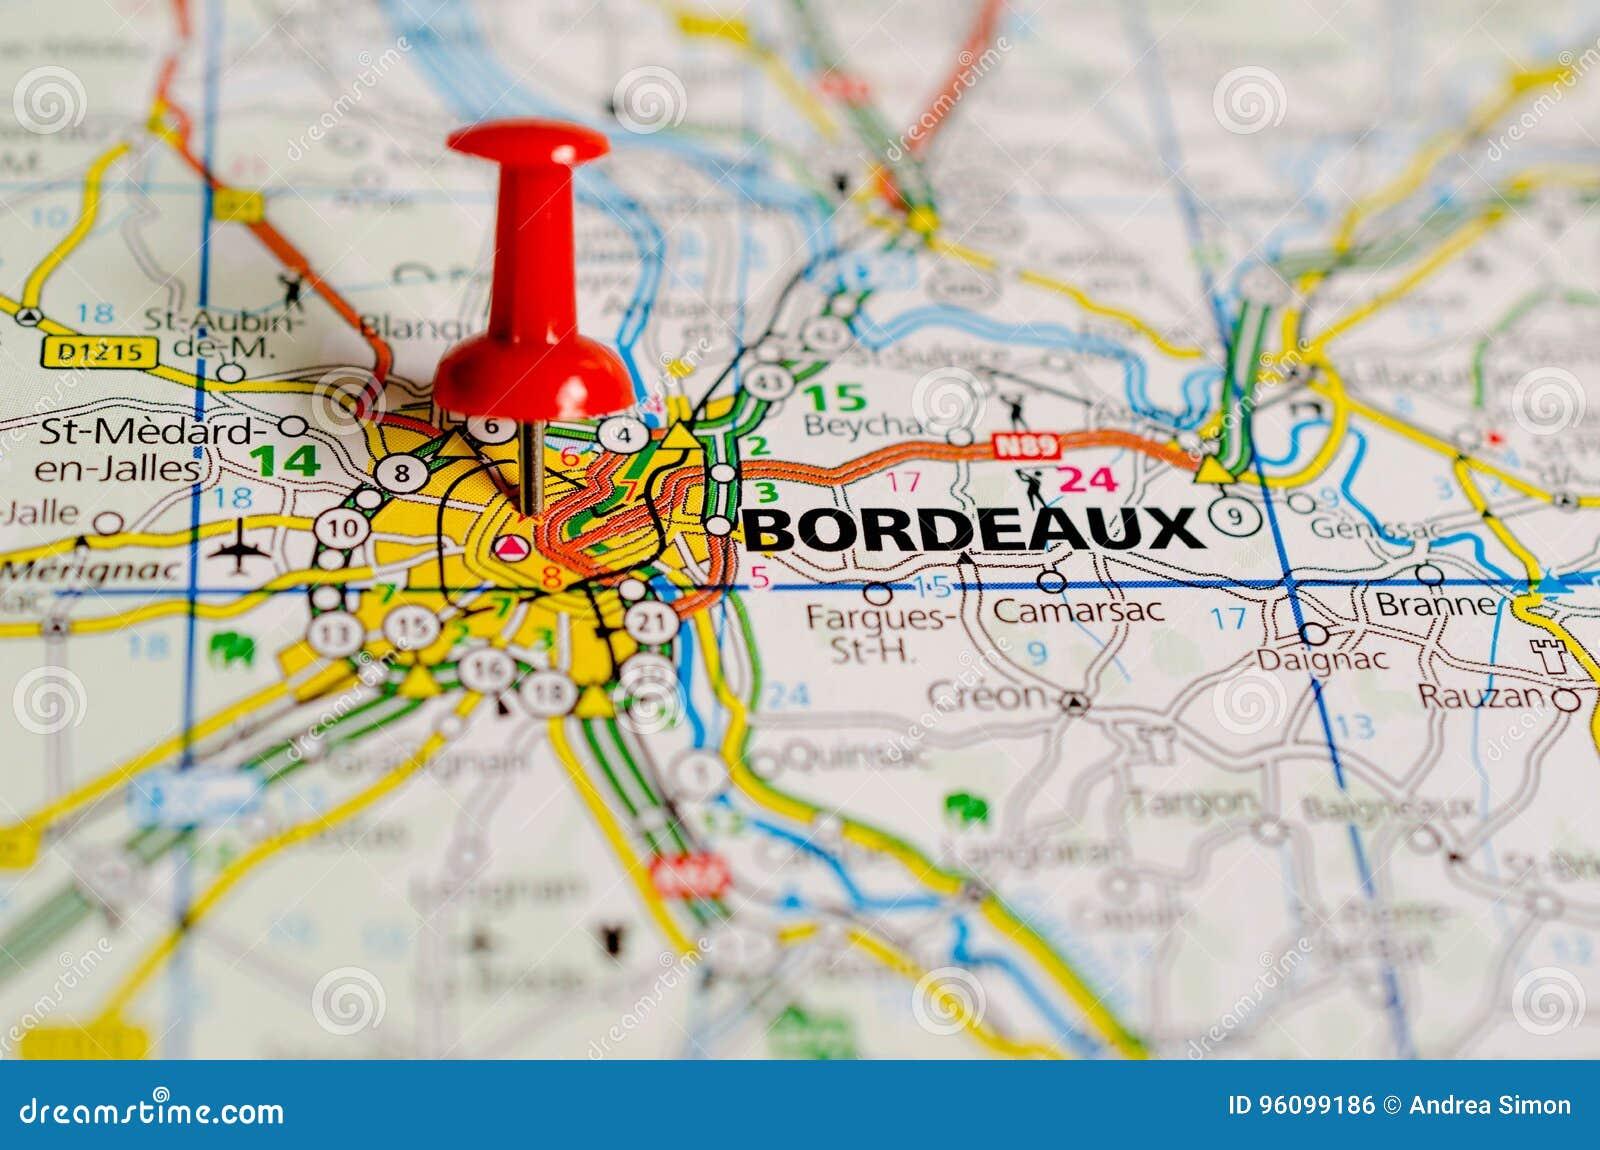 Bordeaux on map